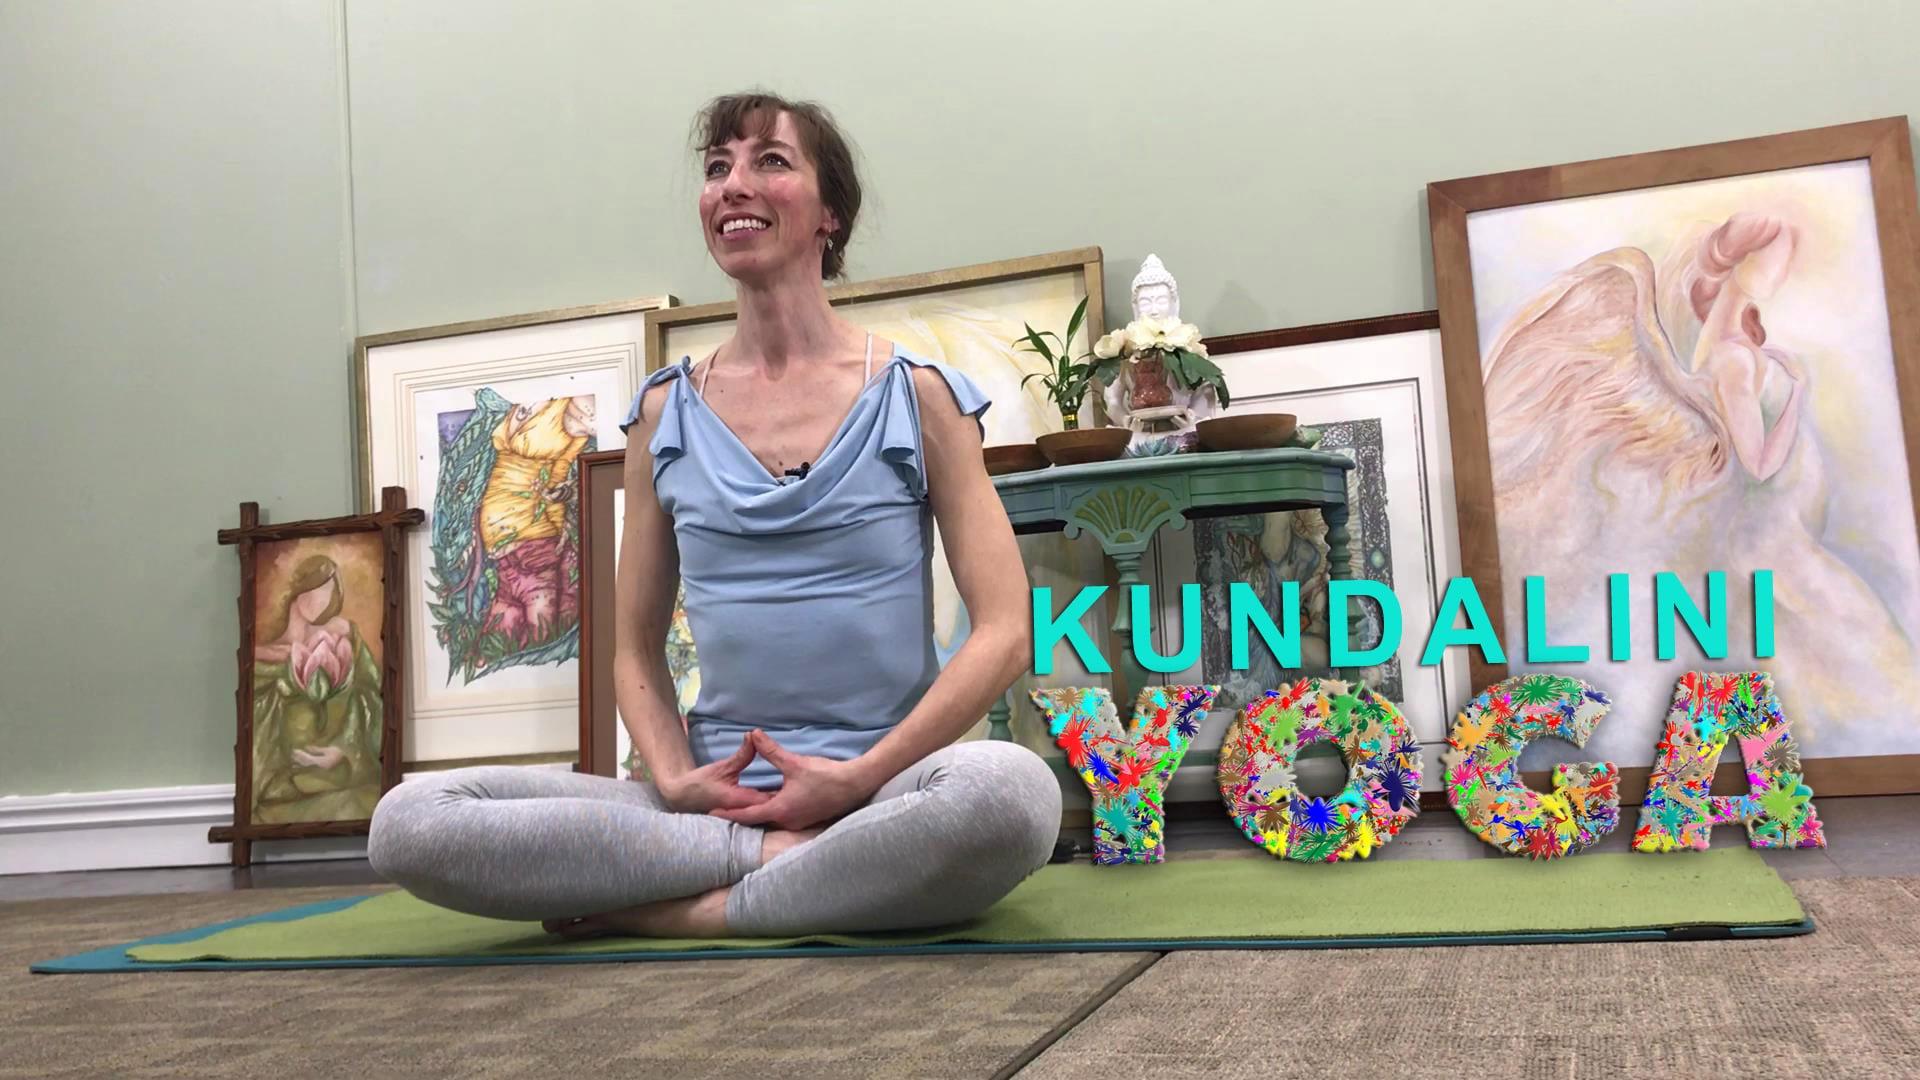 Kundalini Yoga – Introduction